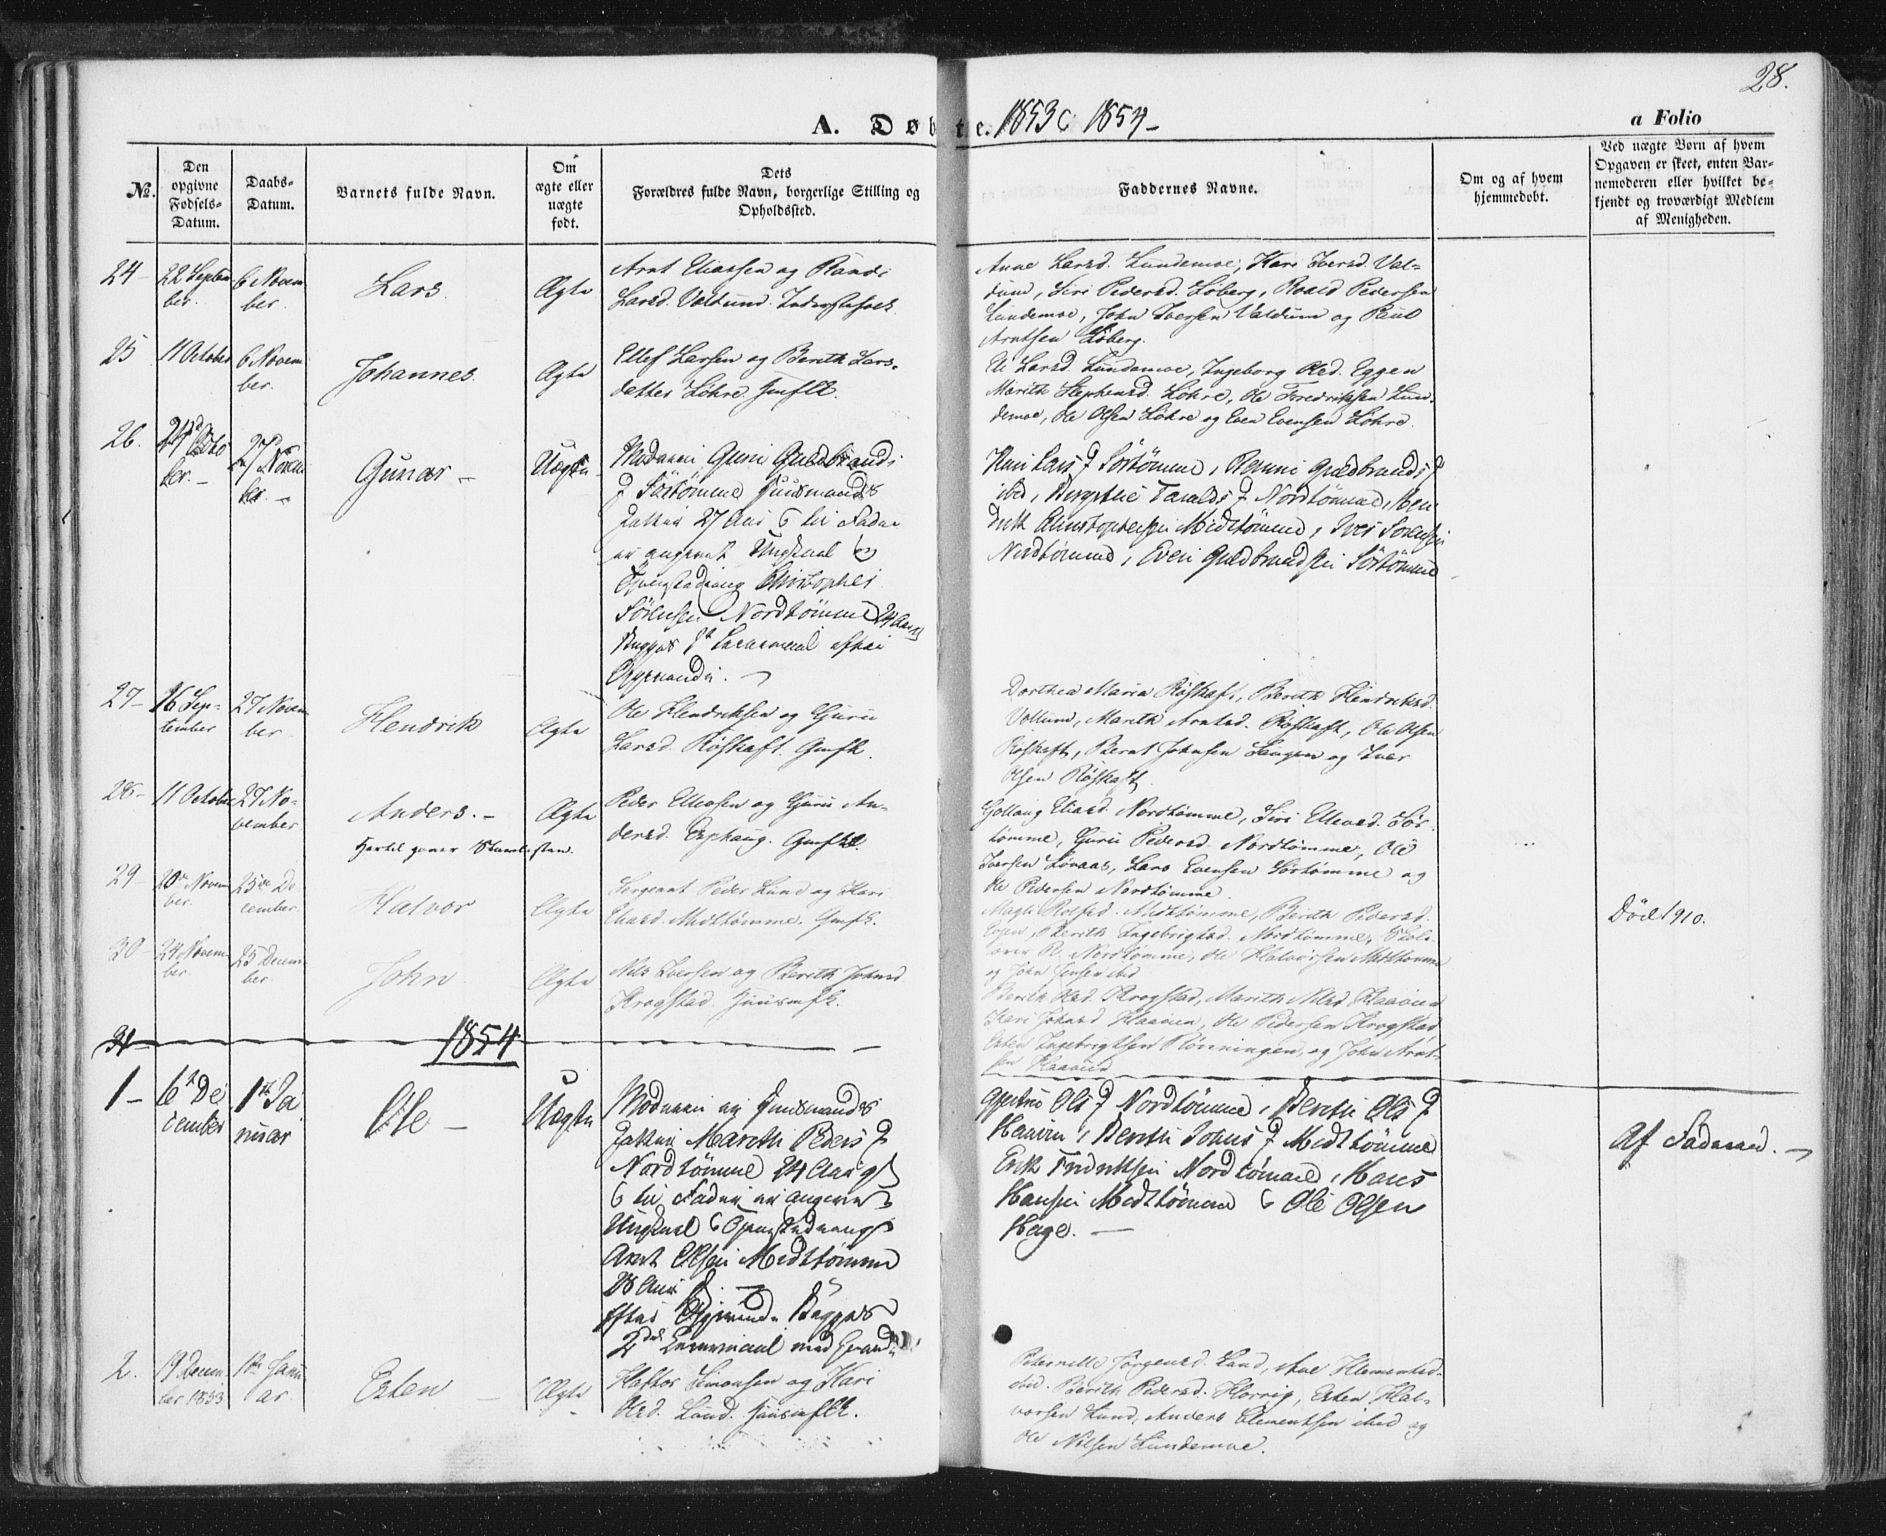 SAT, Ministerialprotokoller, klokkerbøker og fødselsregistre - Sør-Trøndelag, 692/L1103: Ministerialbok nr. 692A03, 1849-1870, s. 28